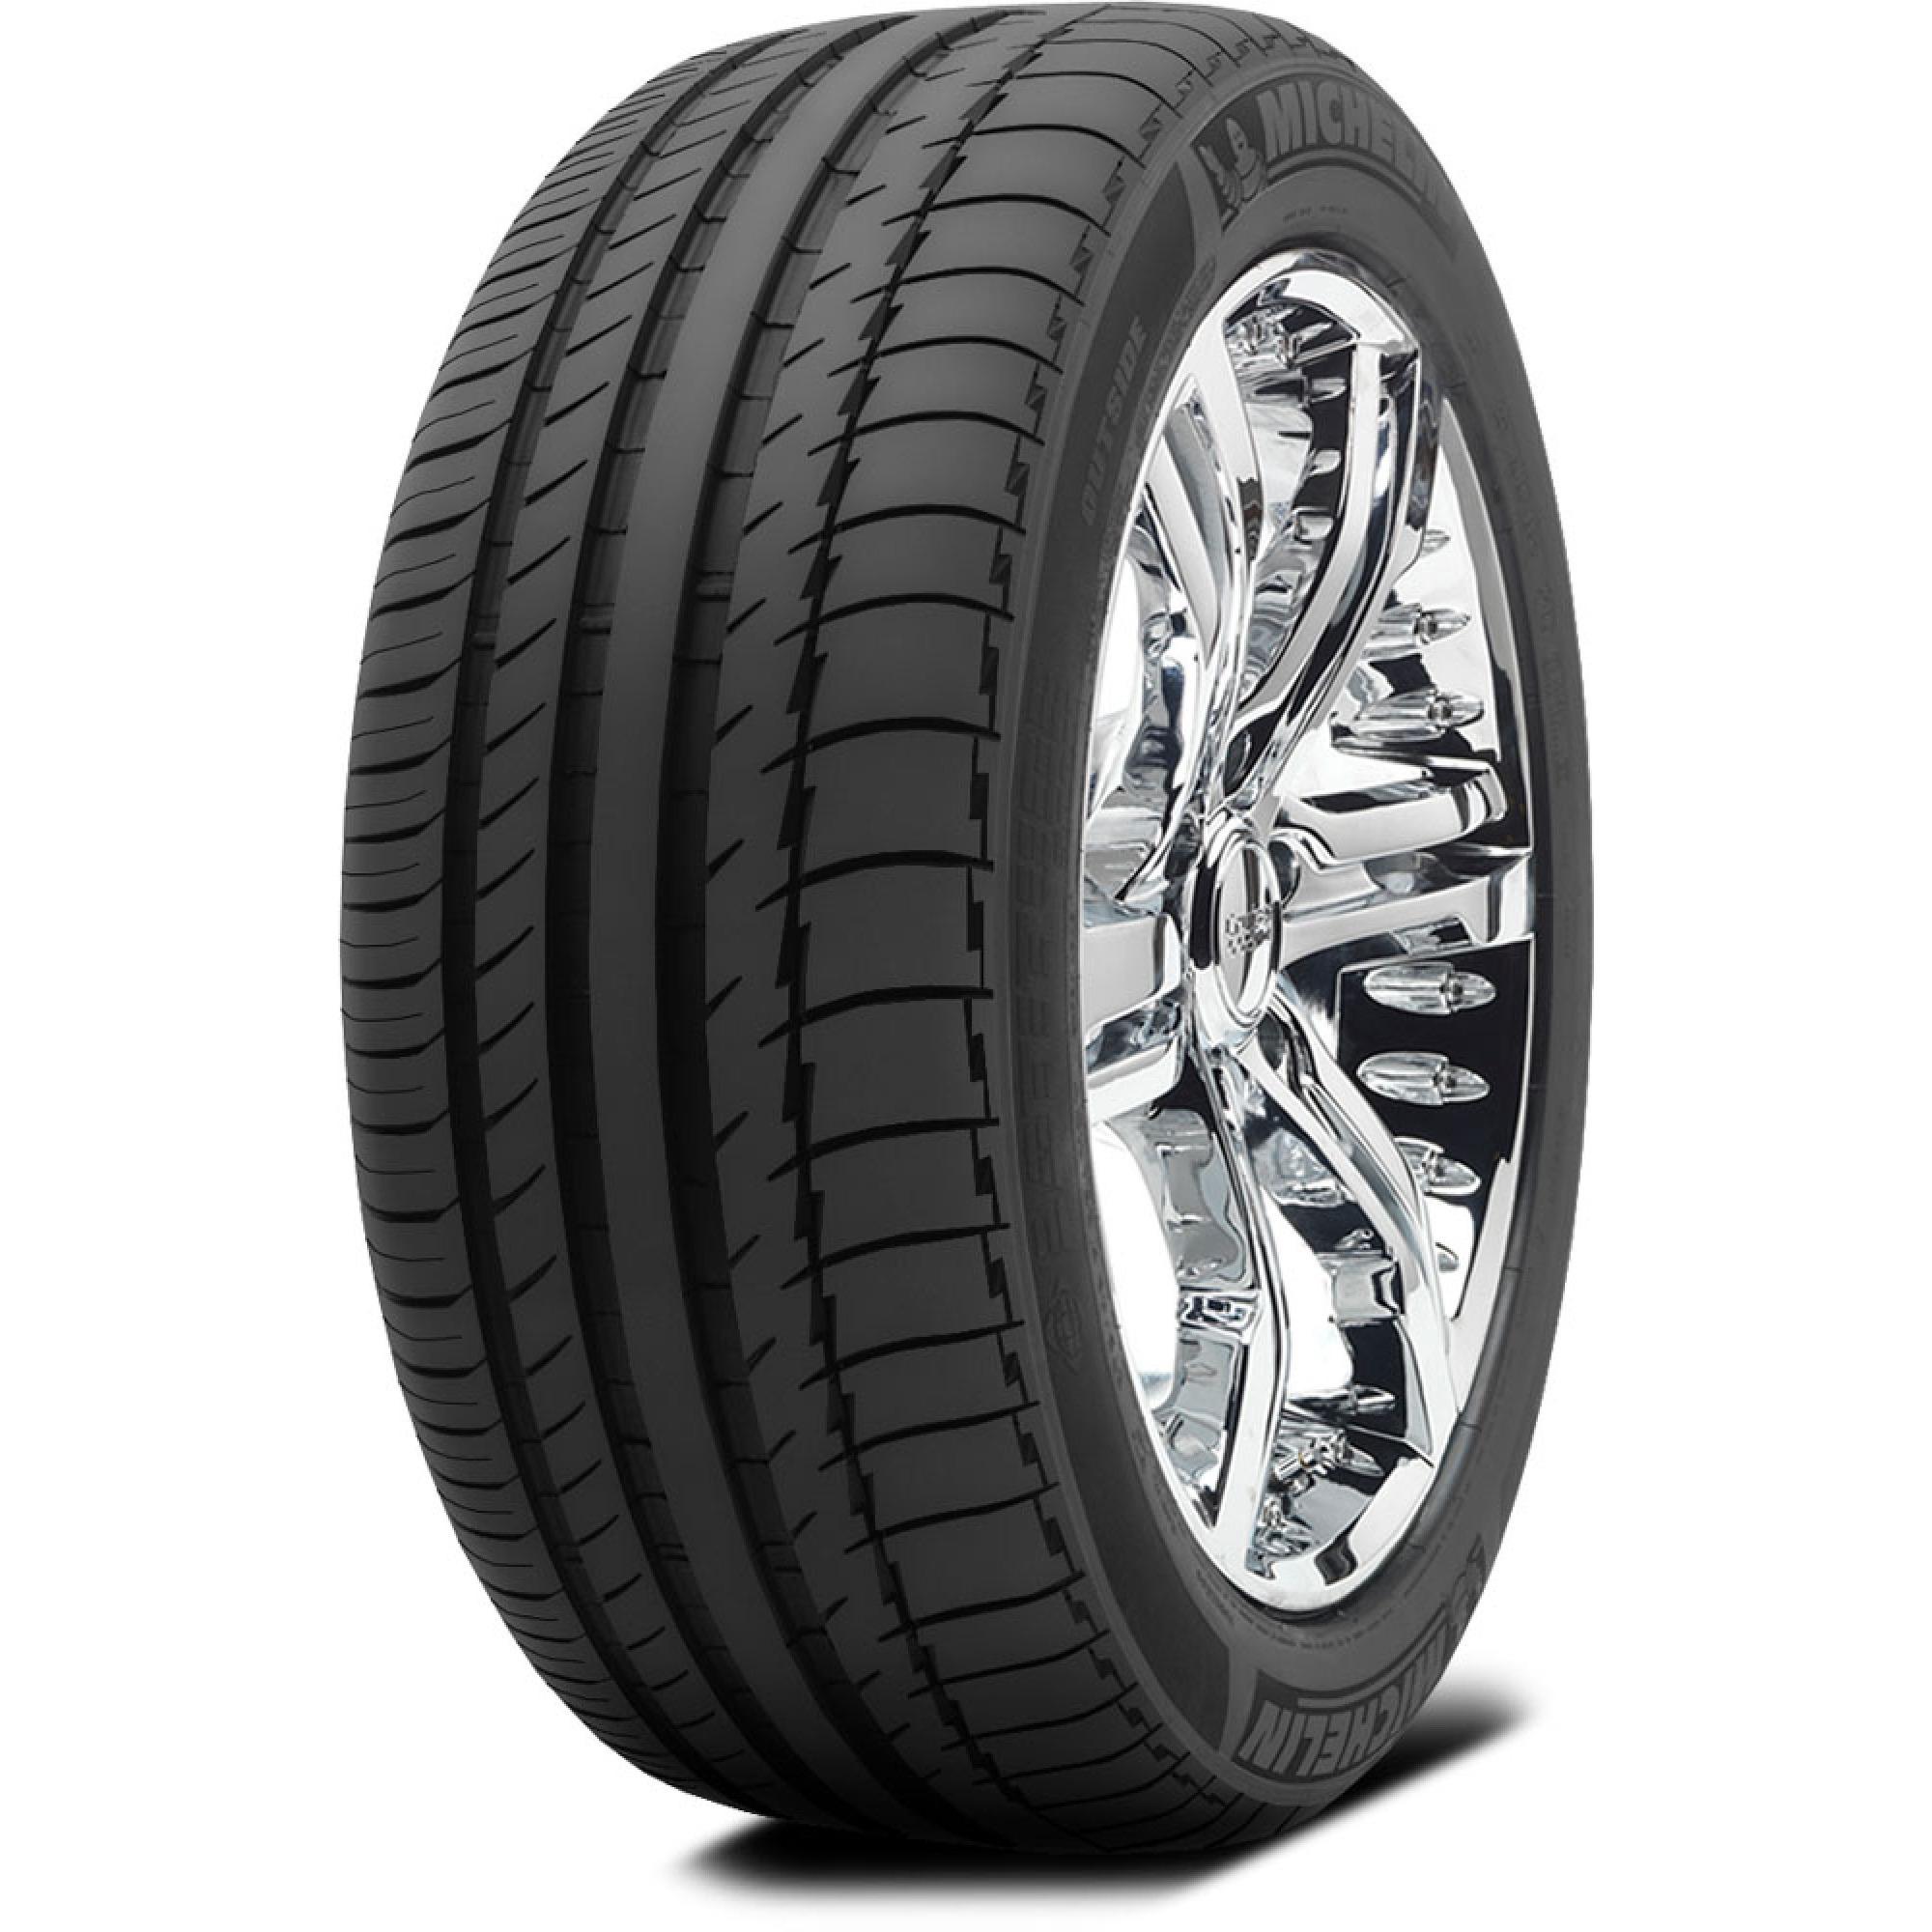 Michelin LATITUDESPORT pneumatika